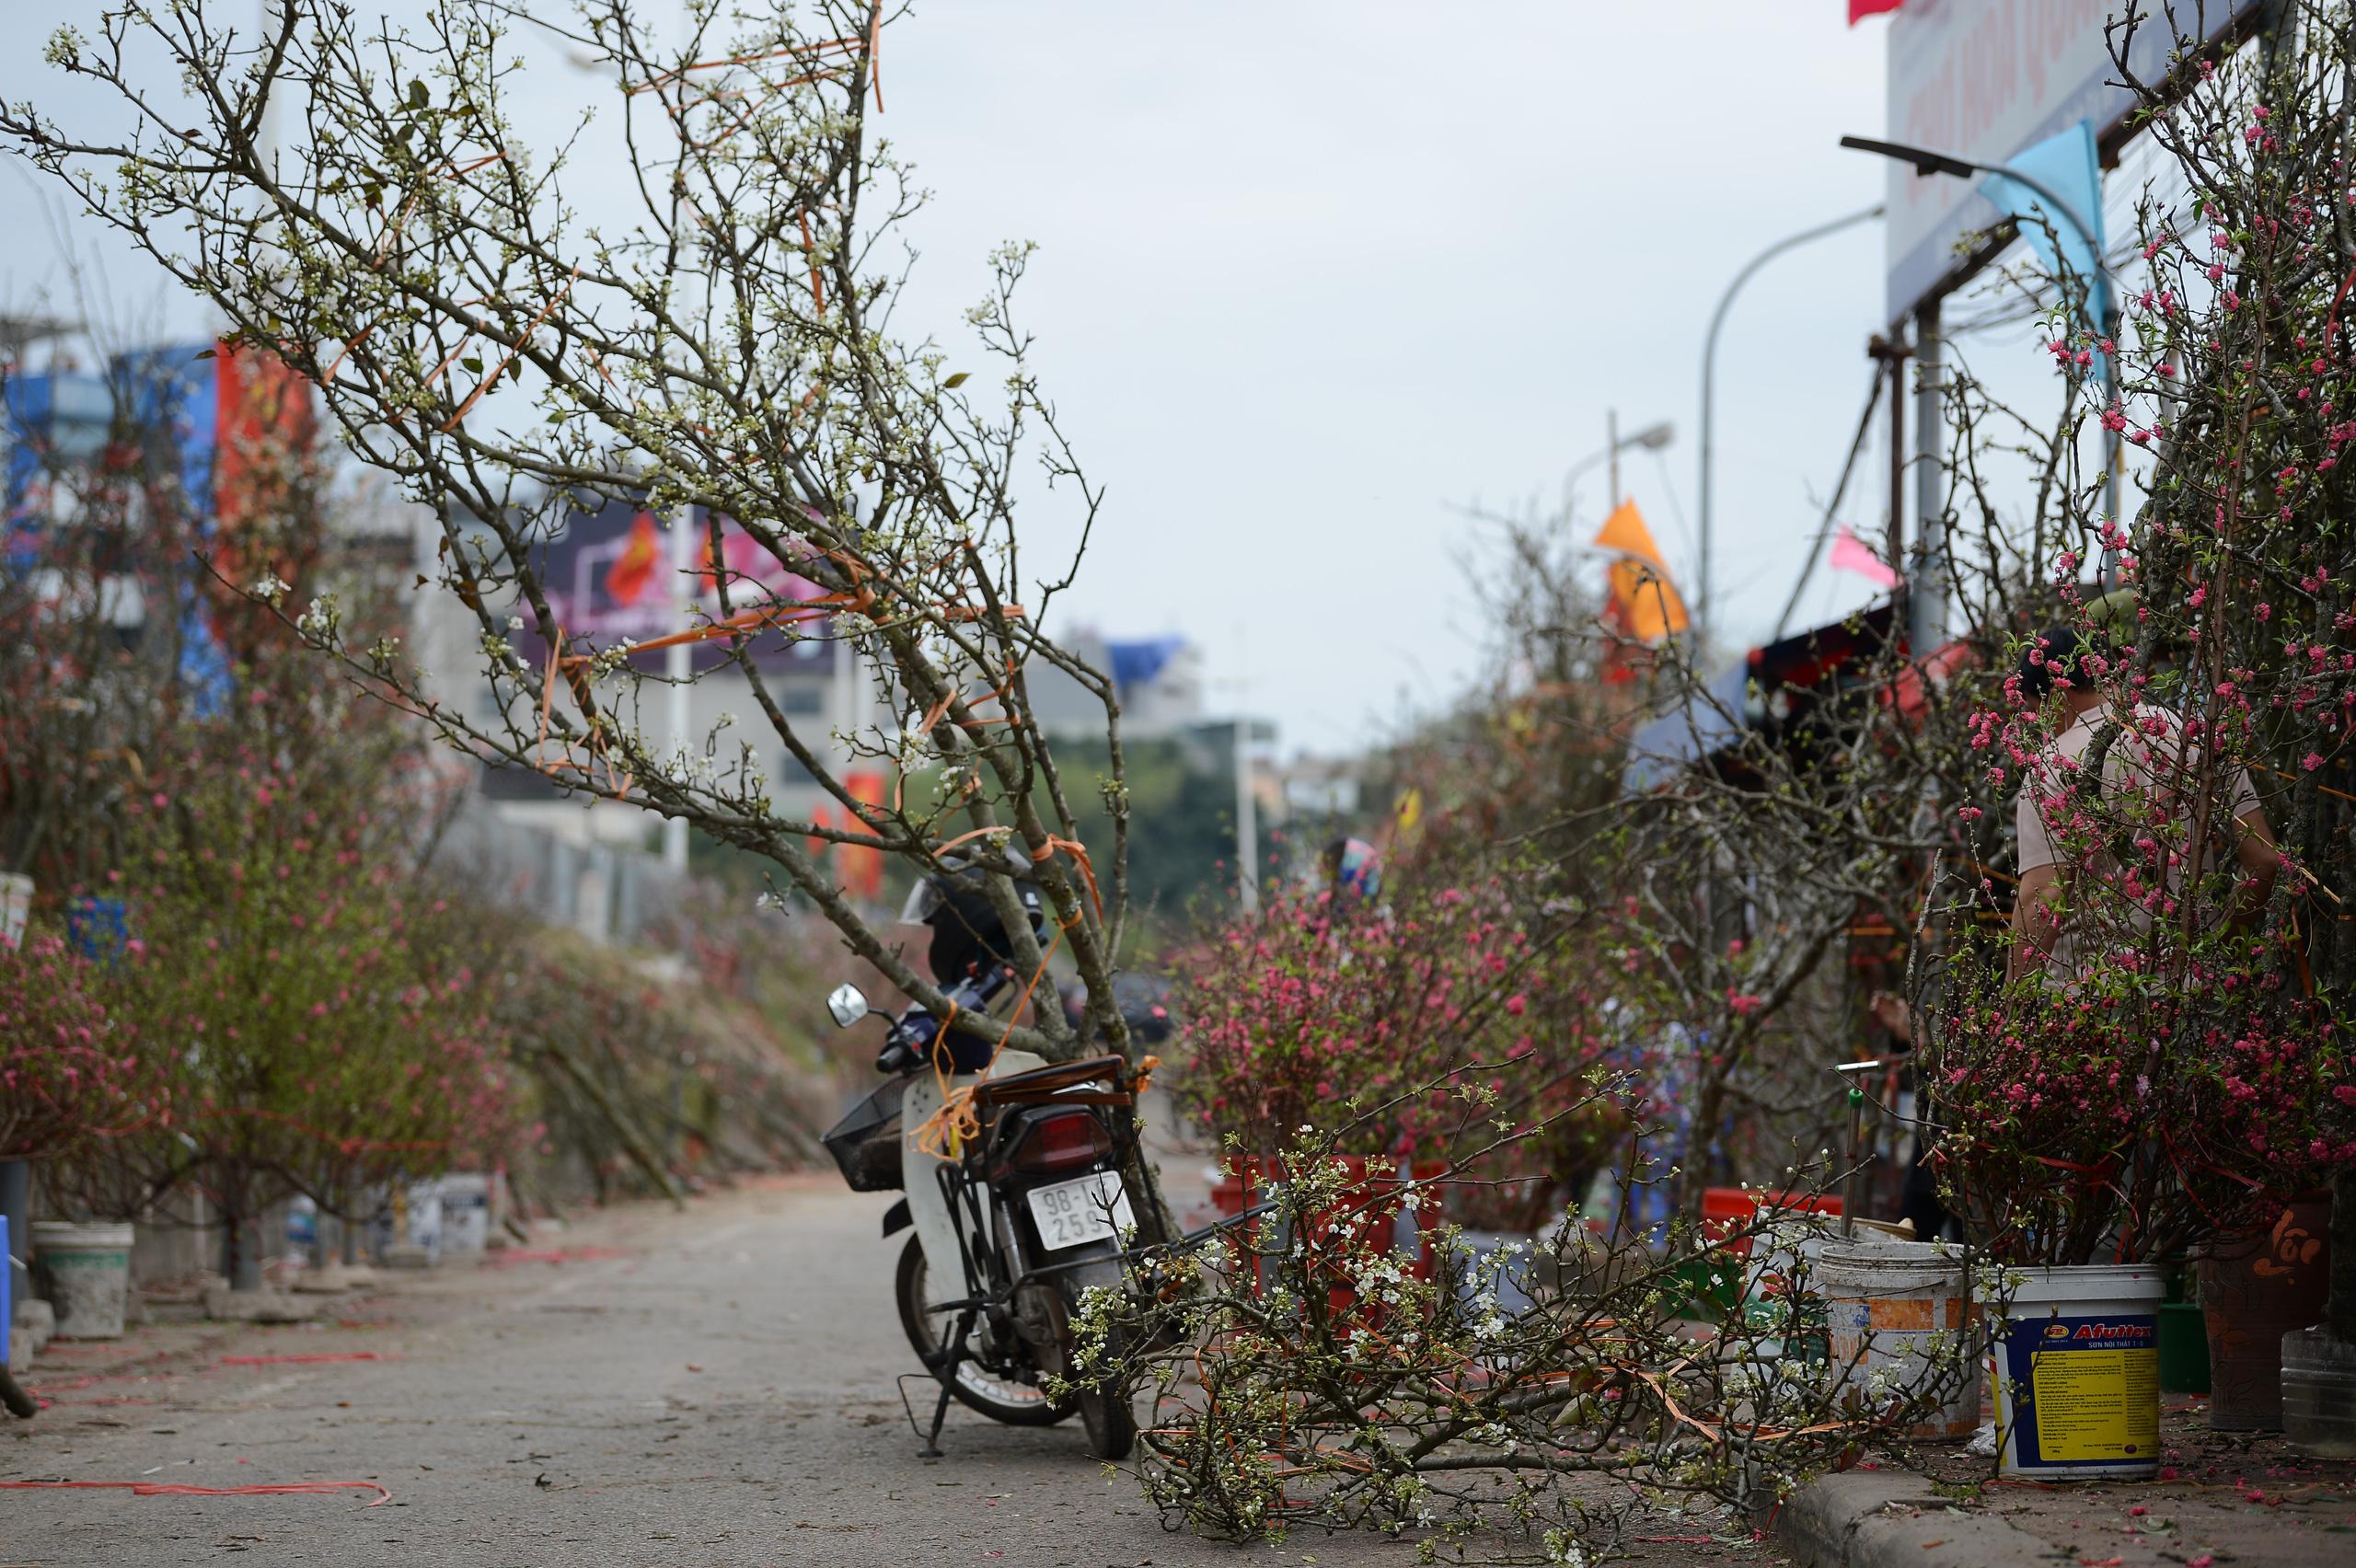 Hoa lê rừng xuống phố ngày đầu năm mới khiến người Hà Nội mê mẩn - 5